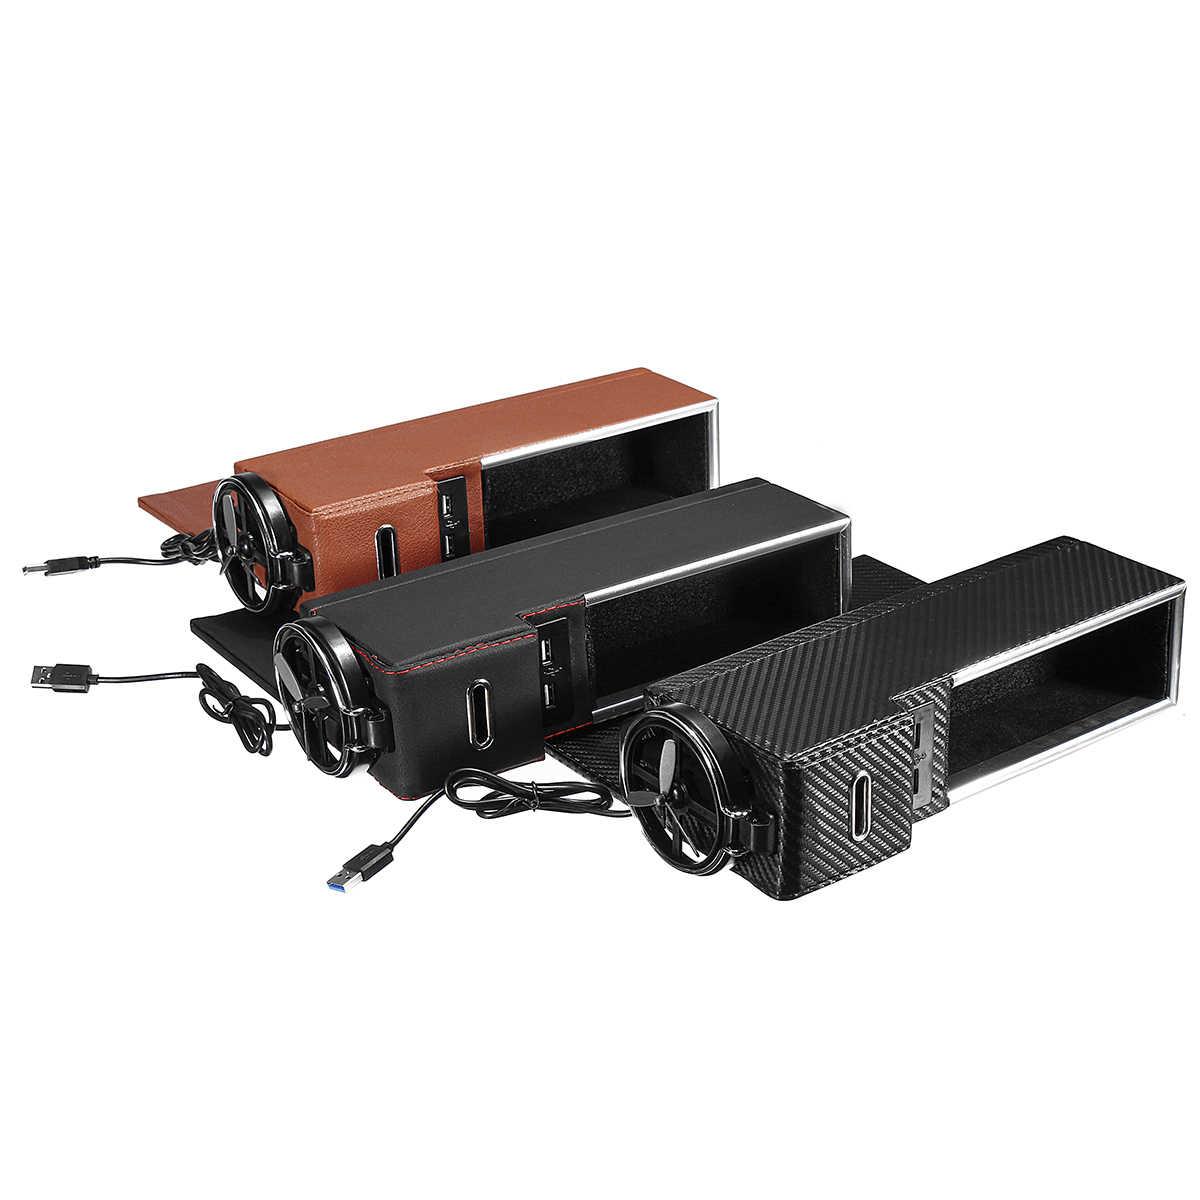 Siyah/Kahverengi/Karbon Yolcu yan Araba Koltuğu Gap saklama kutusu ile USB soket için cep düzenleyici Telefonu Anahtar içecek tutucu Evrensel